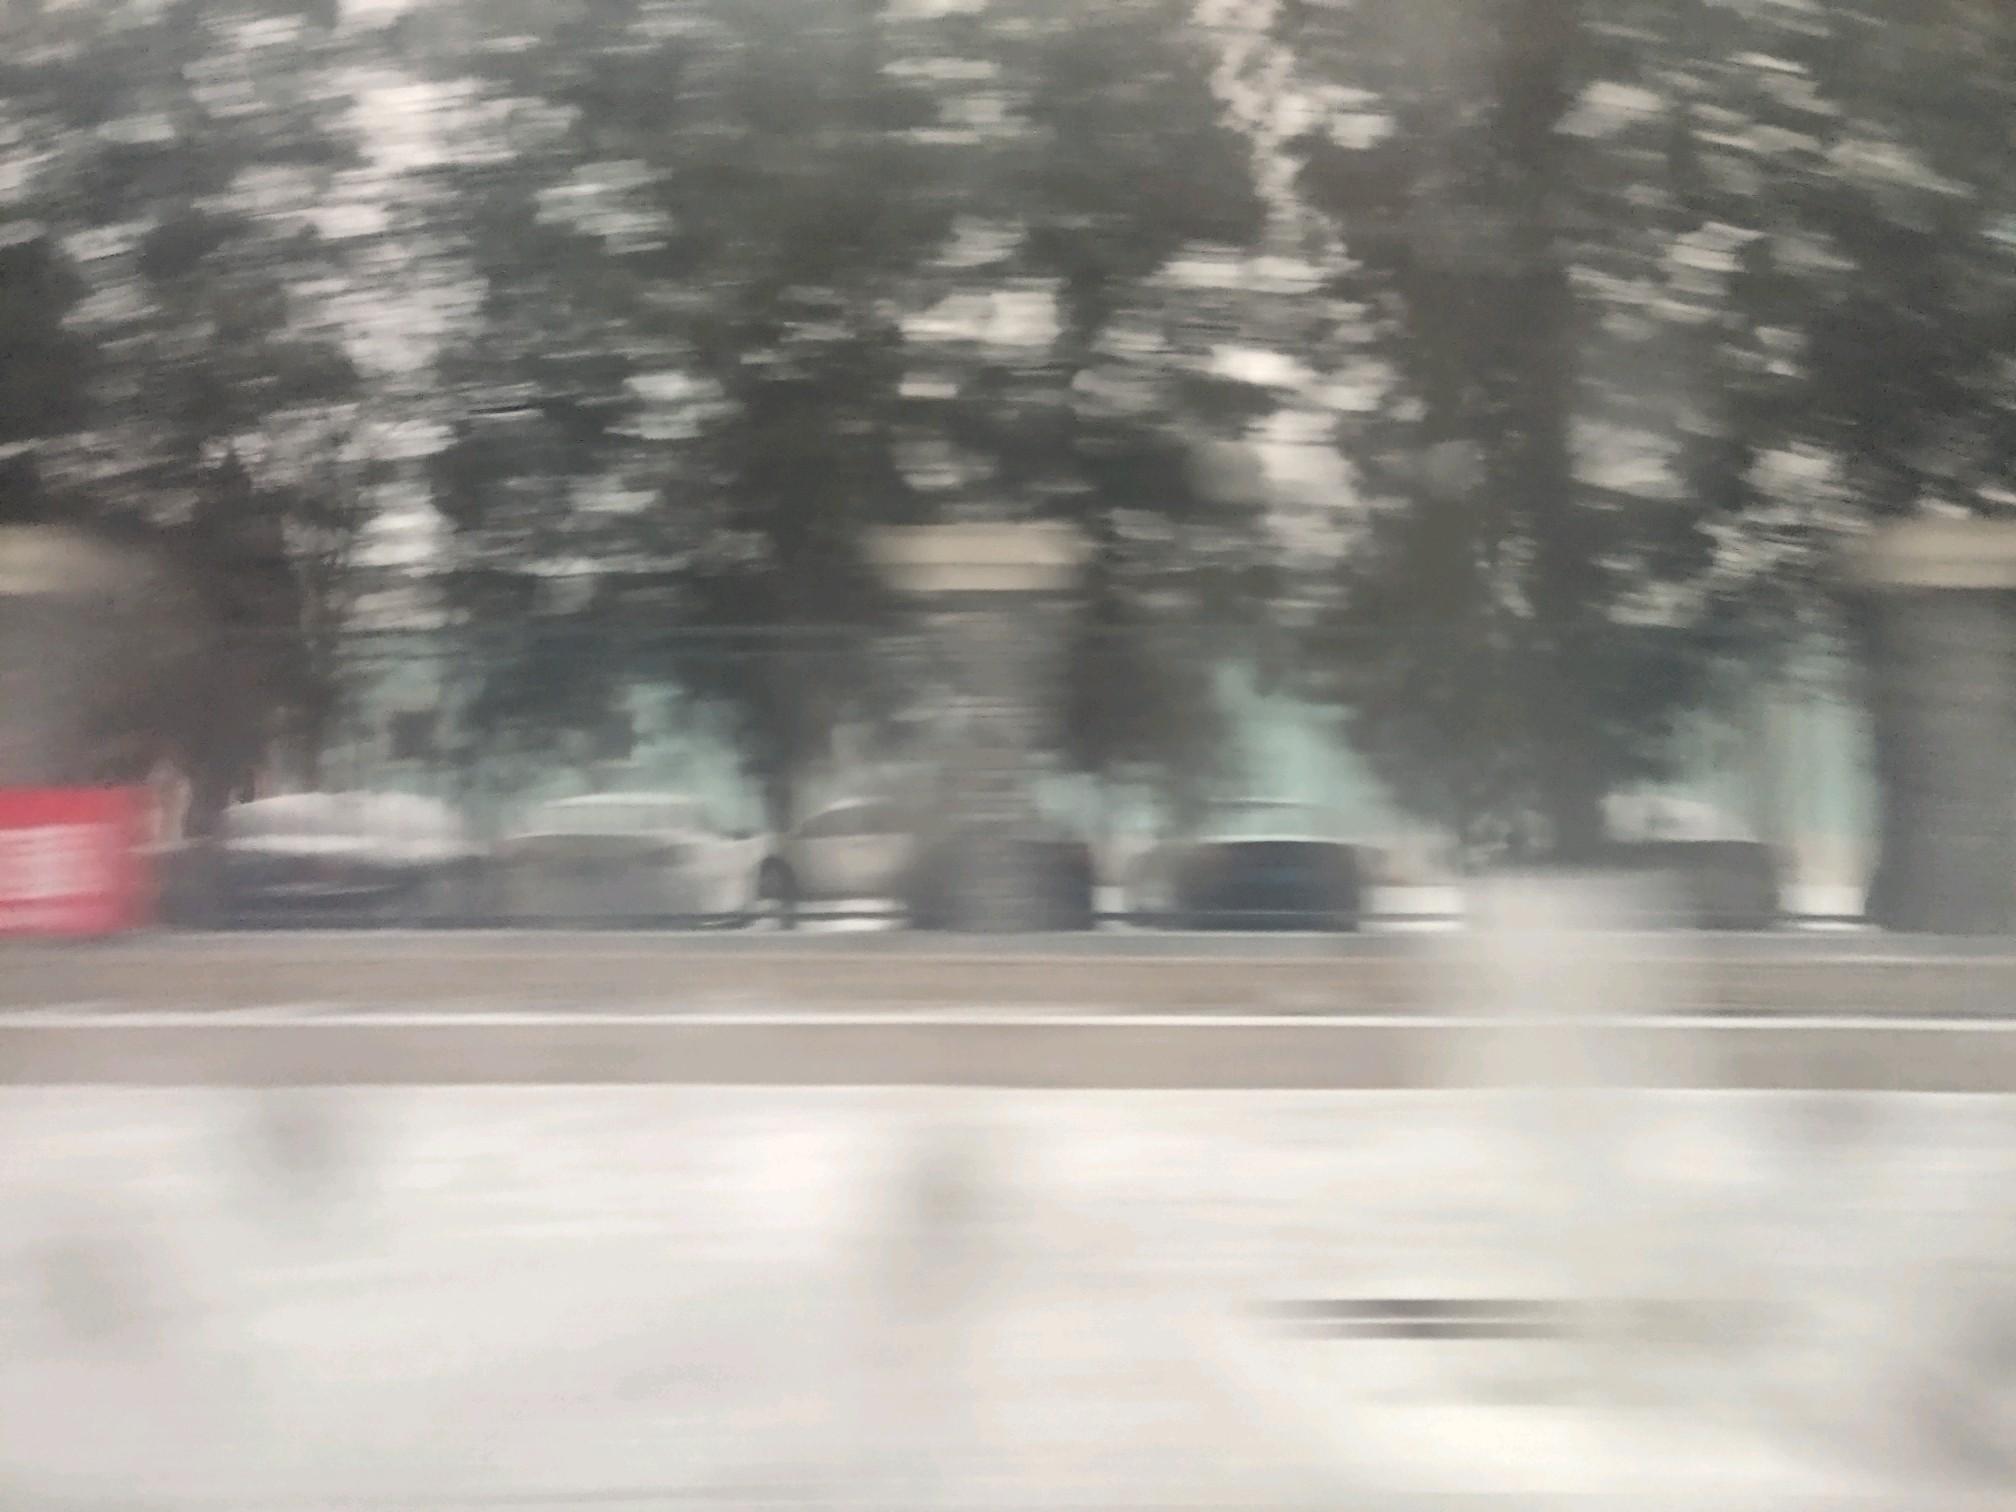 慢慢地听雪落下的声音